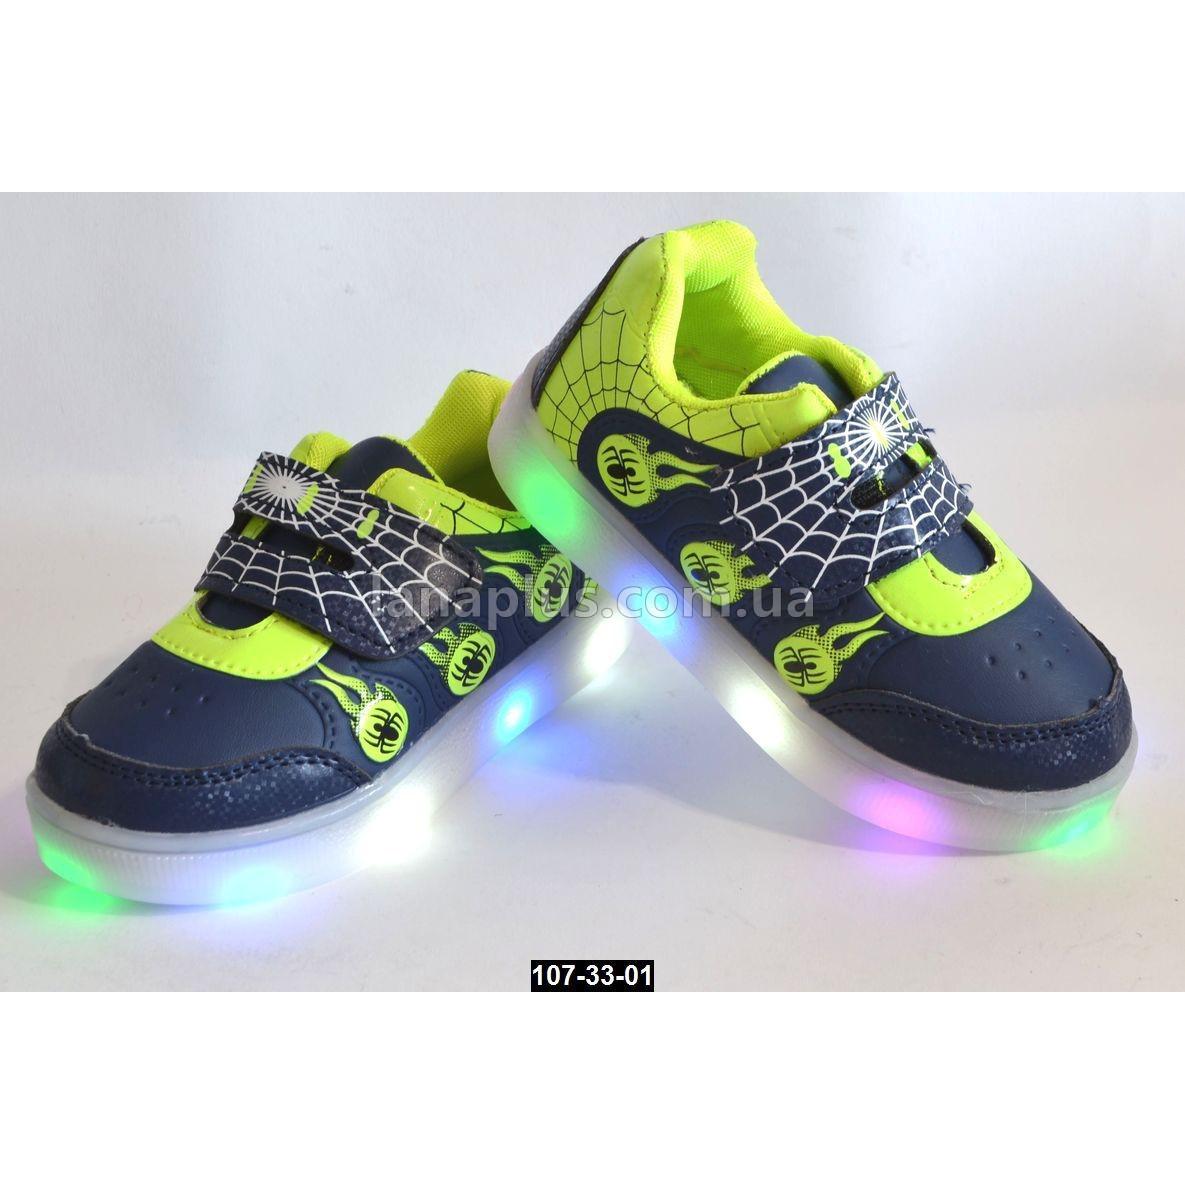 Светящиеся LED кроссовки для мальчика, 21-24 размер, с мигалками, супинатор